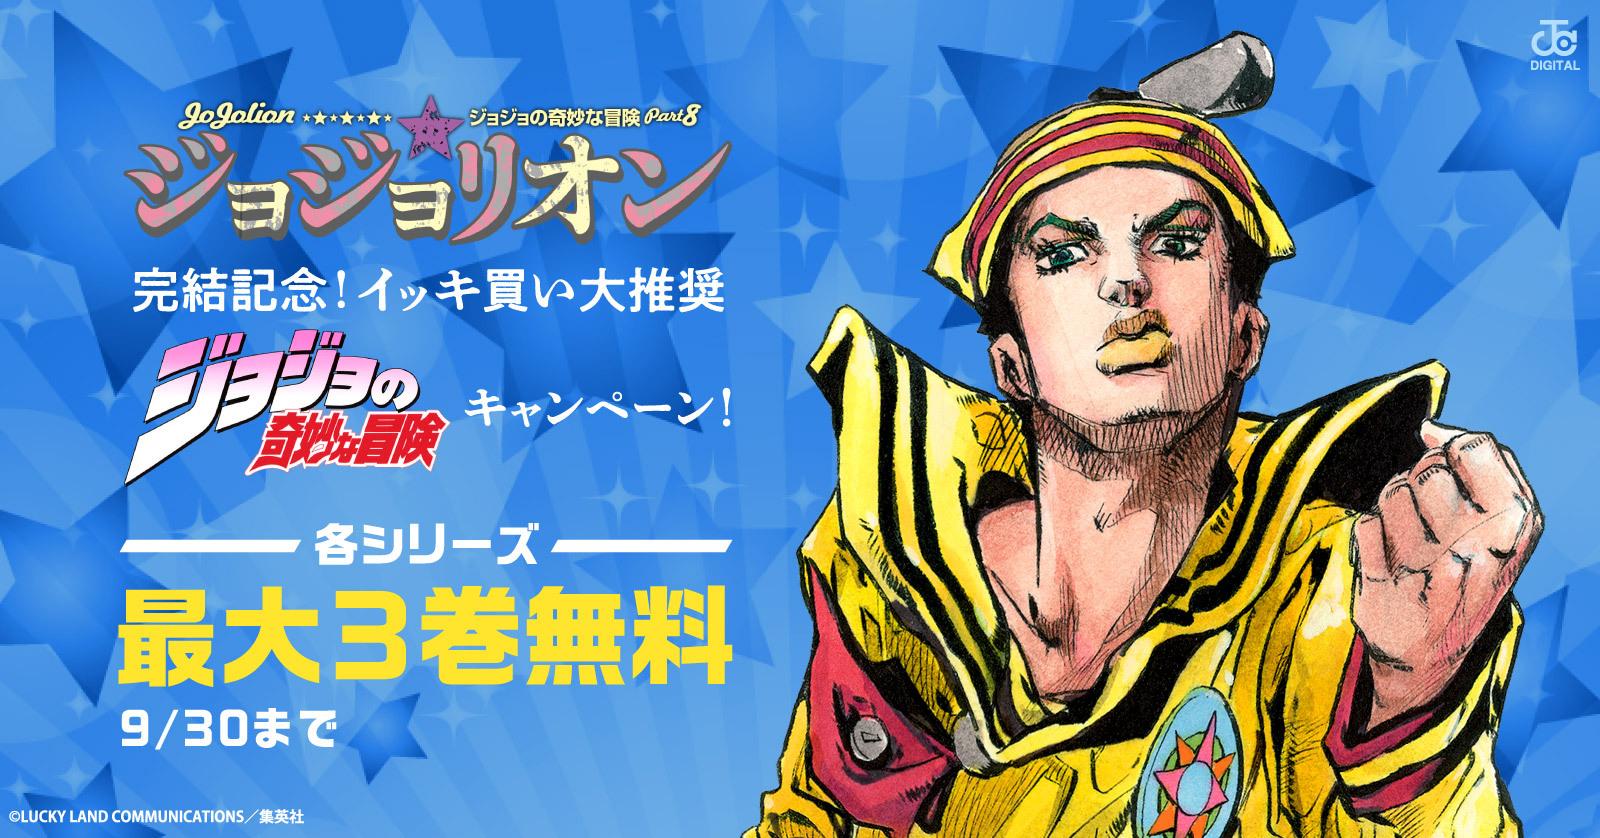 『ジョジョリオン』完結記念!イッキ買い大推奨『ジョジョの奇妙な冒険』キャンペーン!